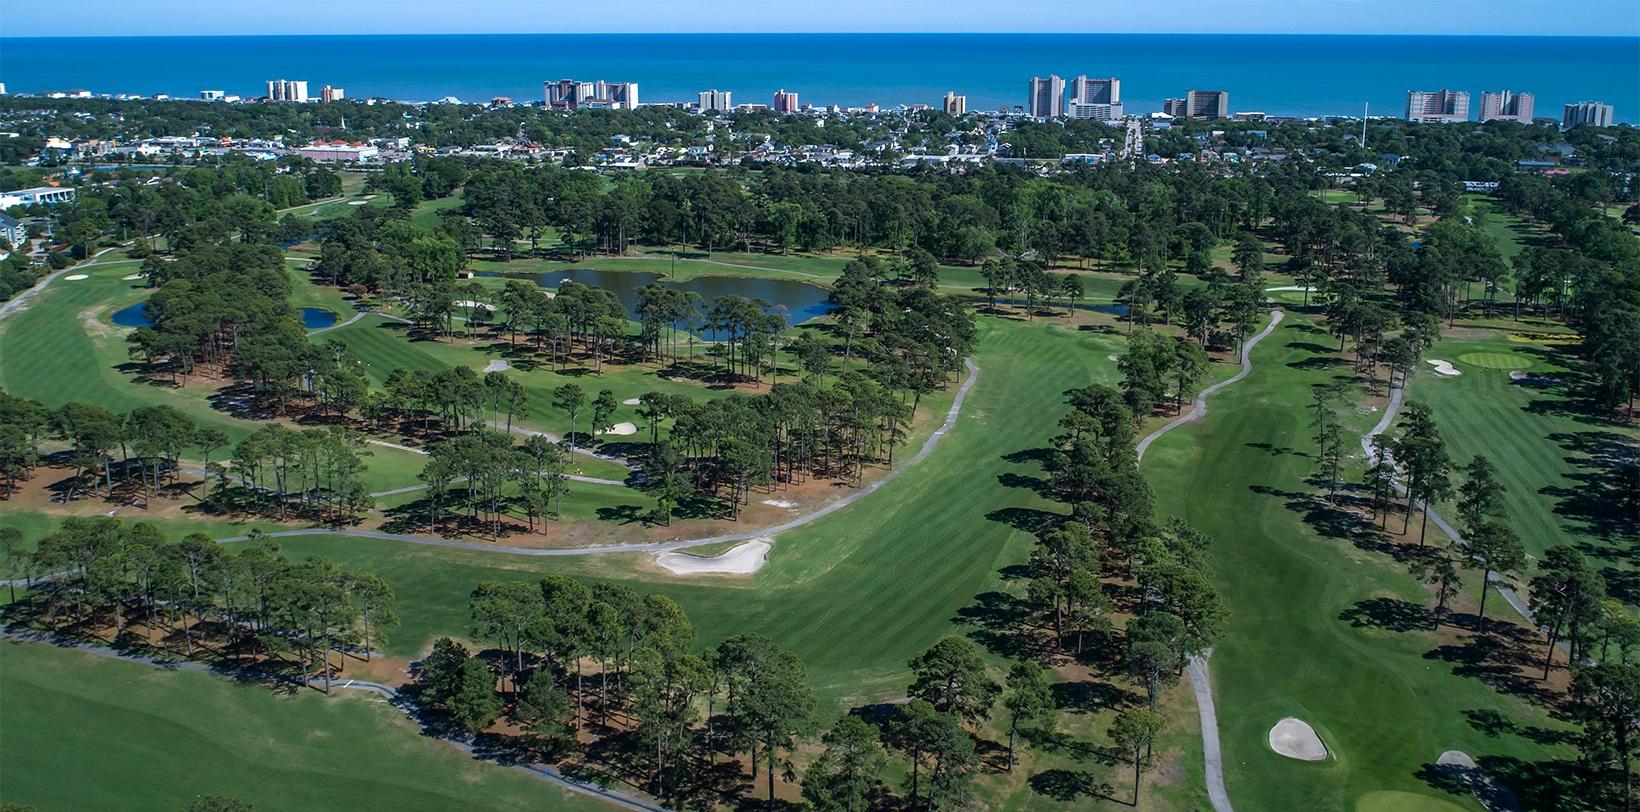 beachwood-golf-club-north-myrtle-beach-golf-courses-geo